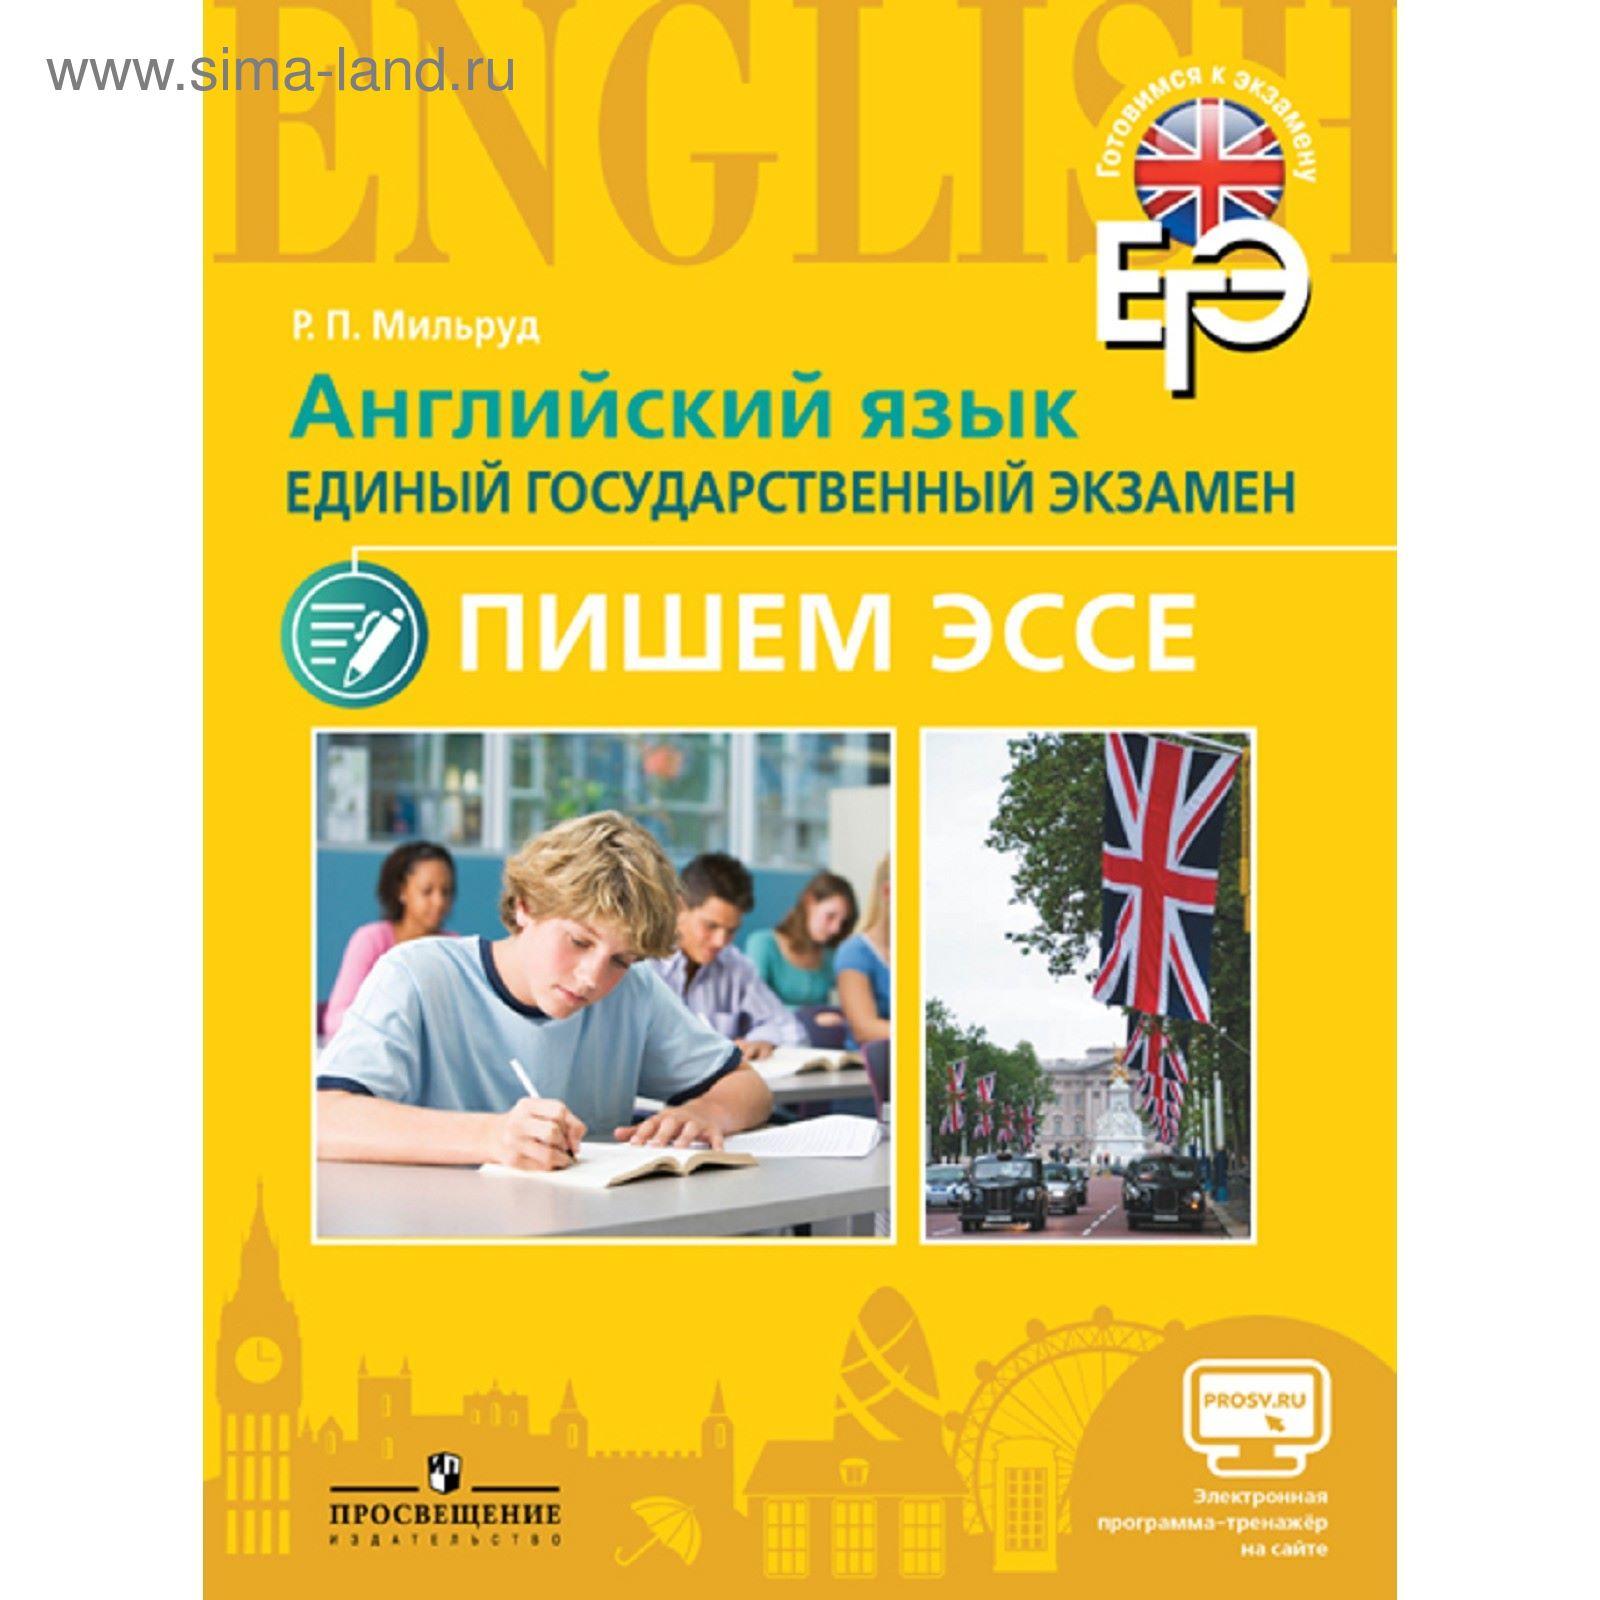 Купить эссе на английском 4348